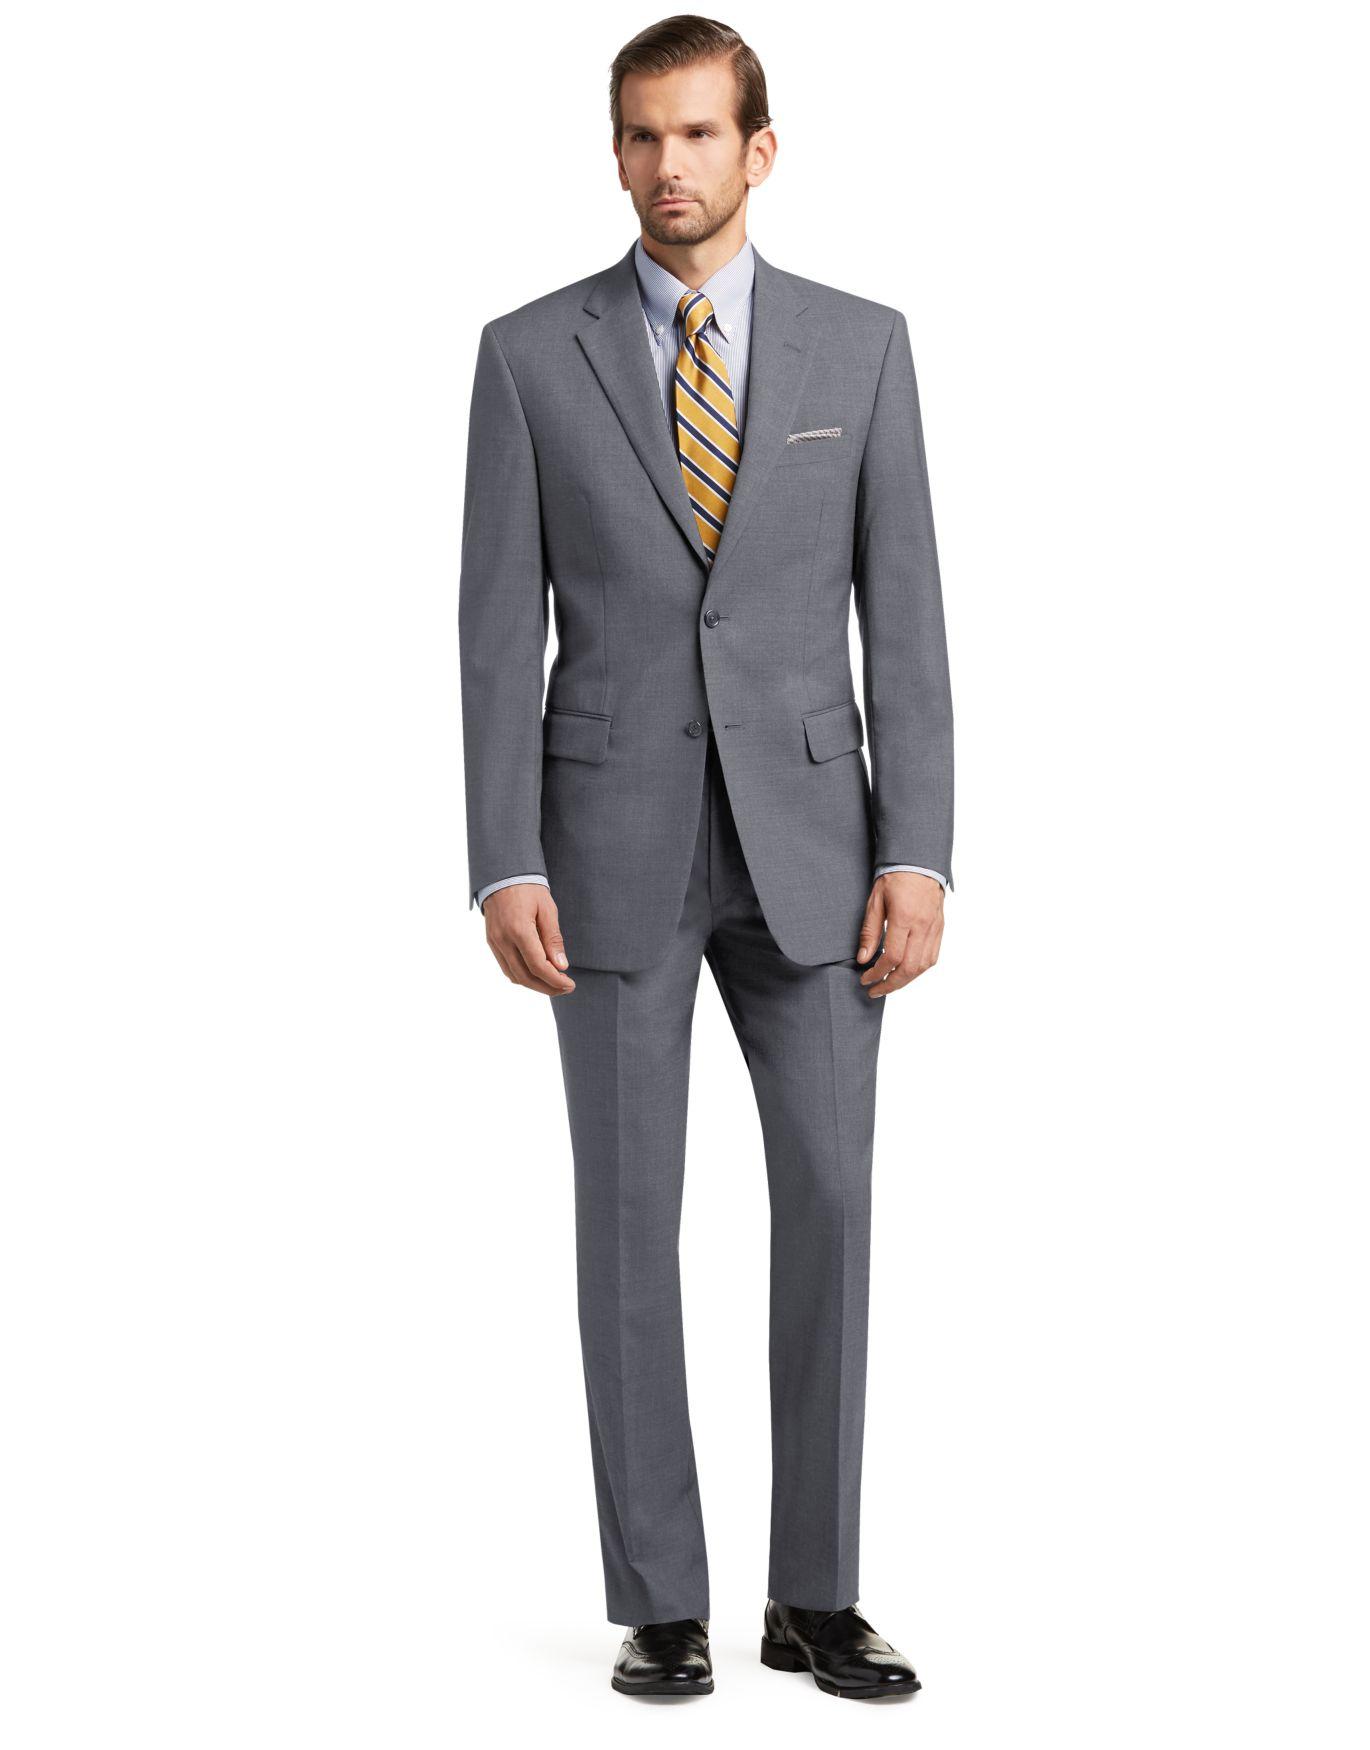 Traditional Fit Suits   Shop Men's Classic Fit Suits   JoS. A. Bank